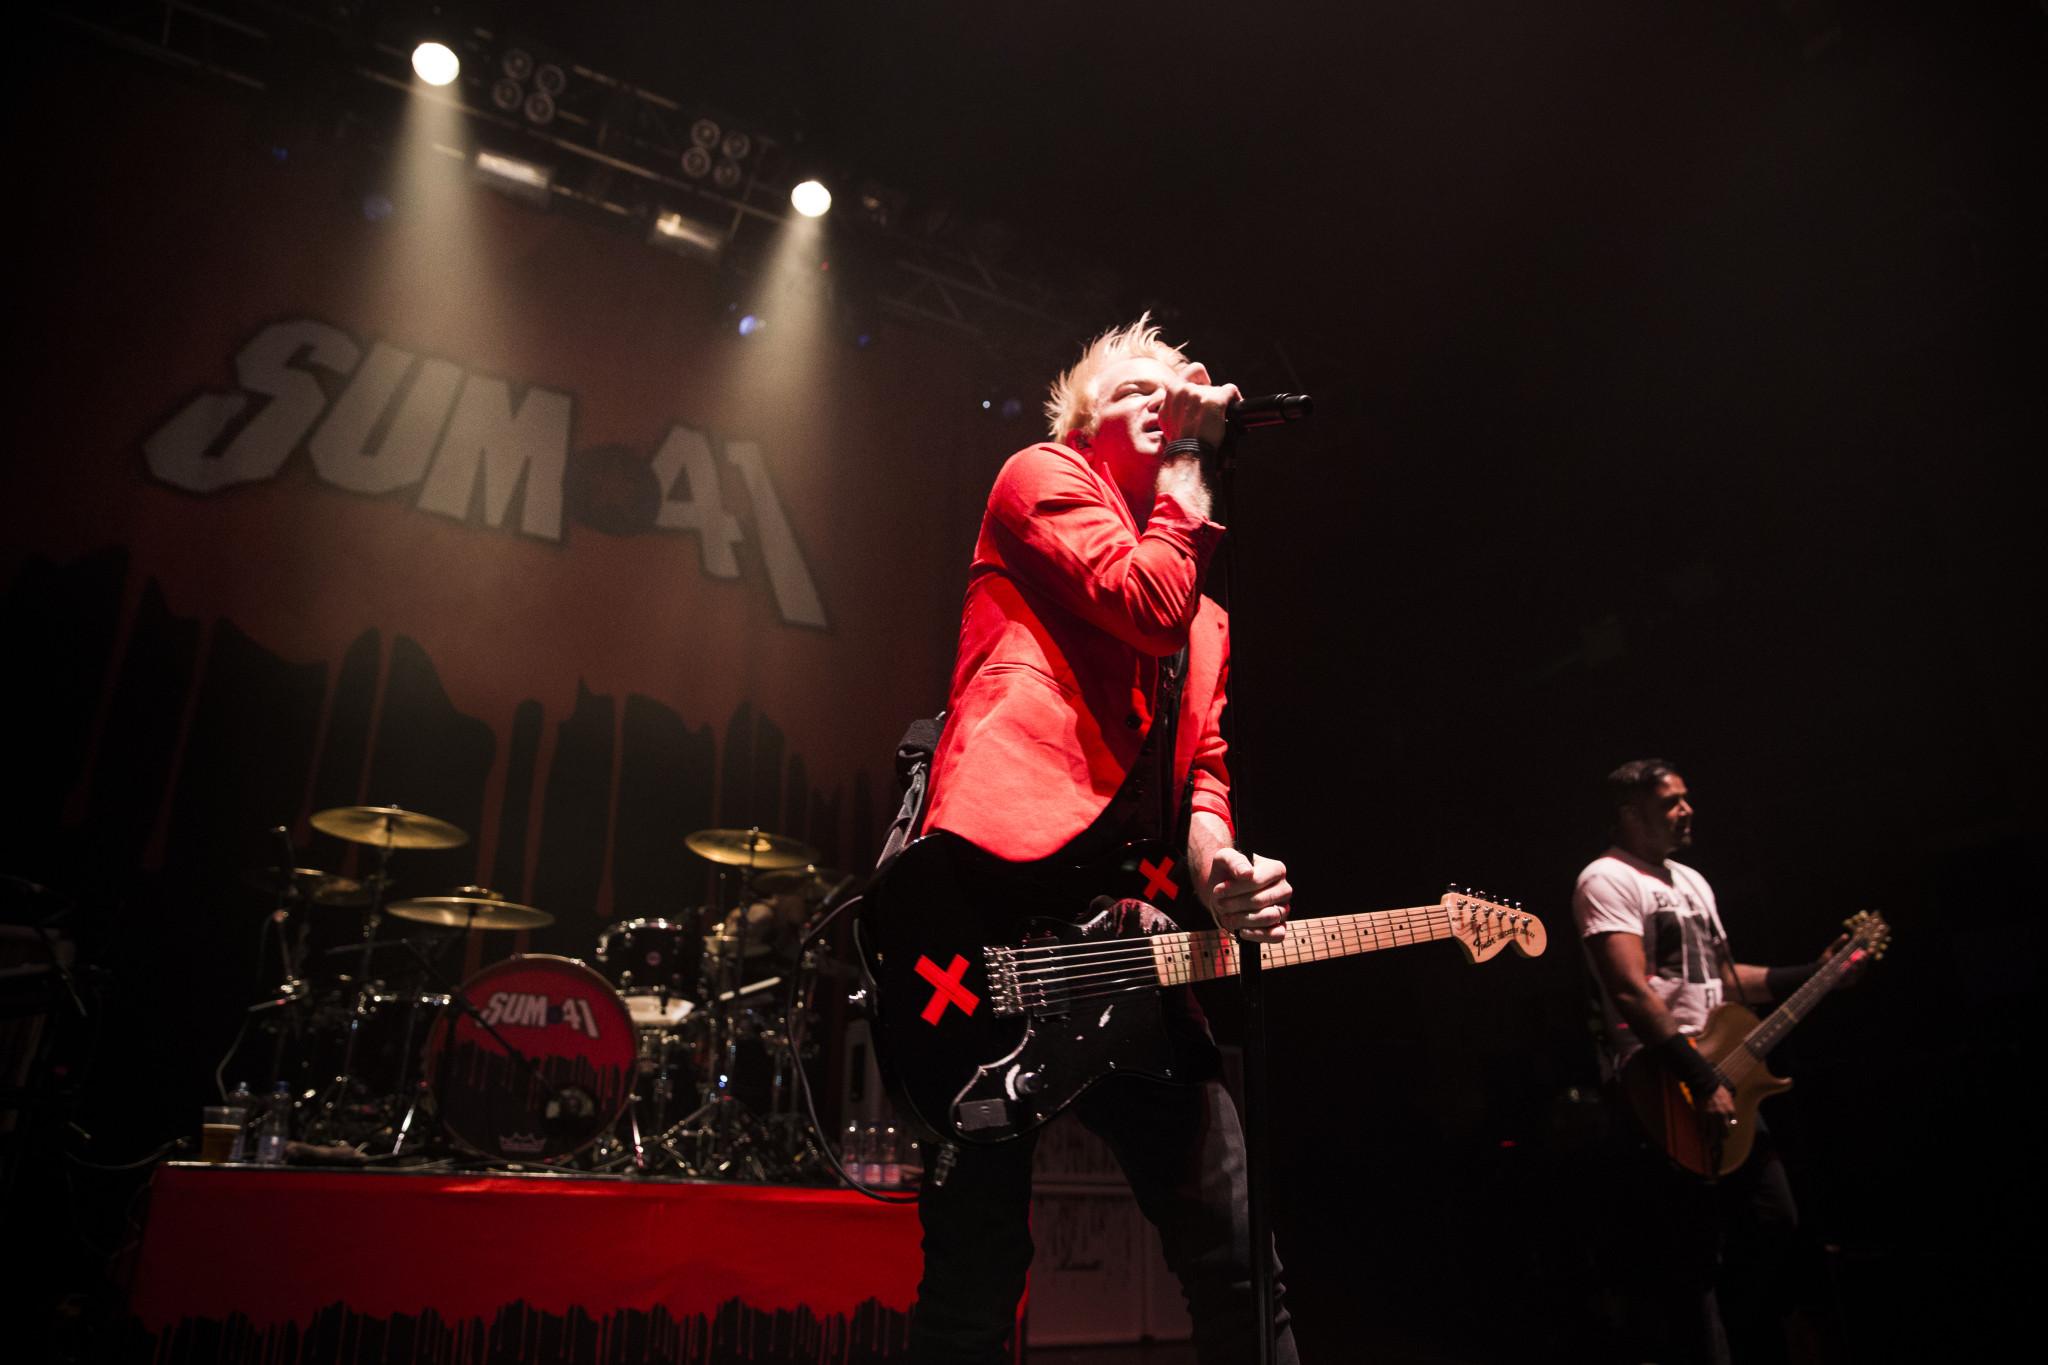 Sum 41 Photos Live in Birmingham 2016